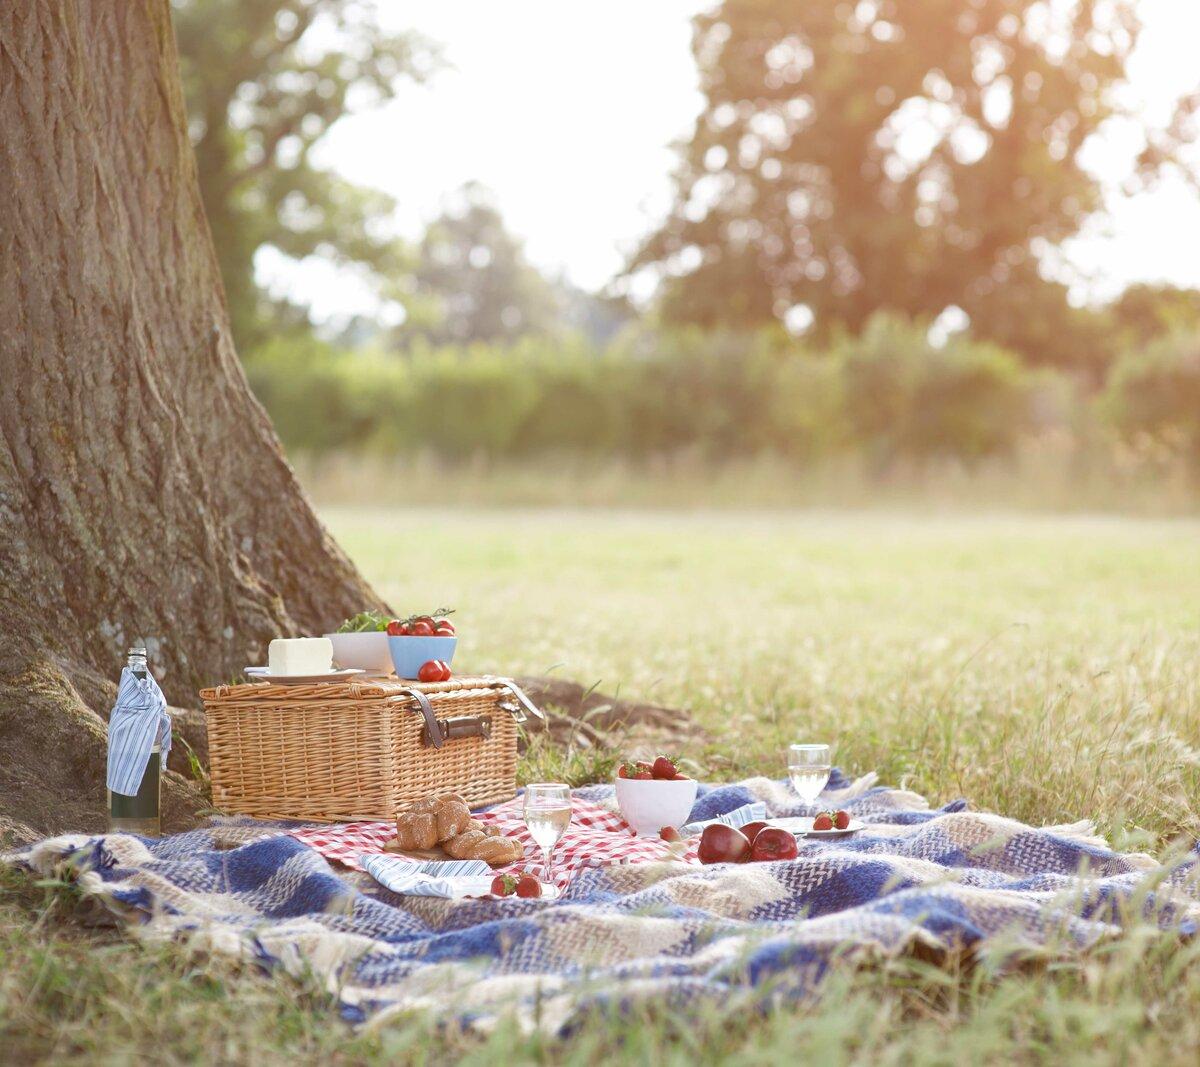 картинки про пикник на природе закрыла глаза